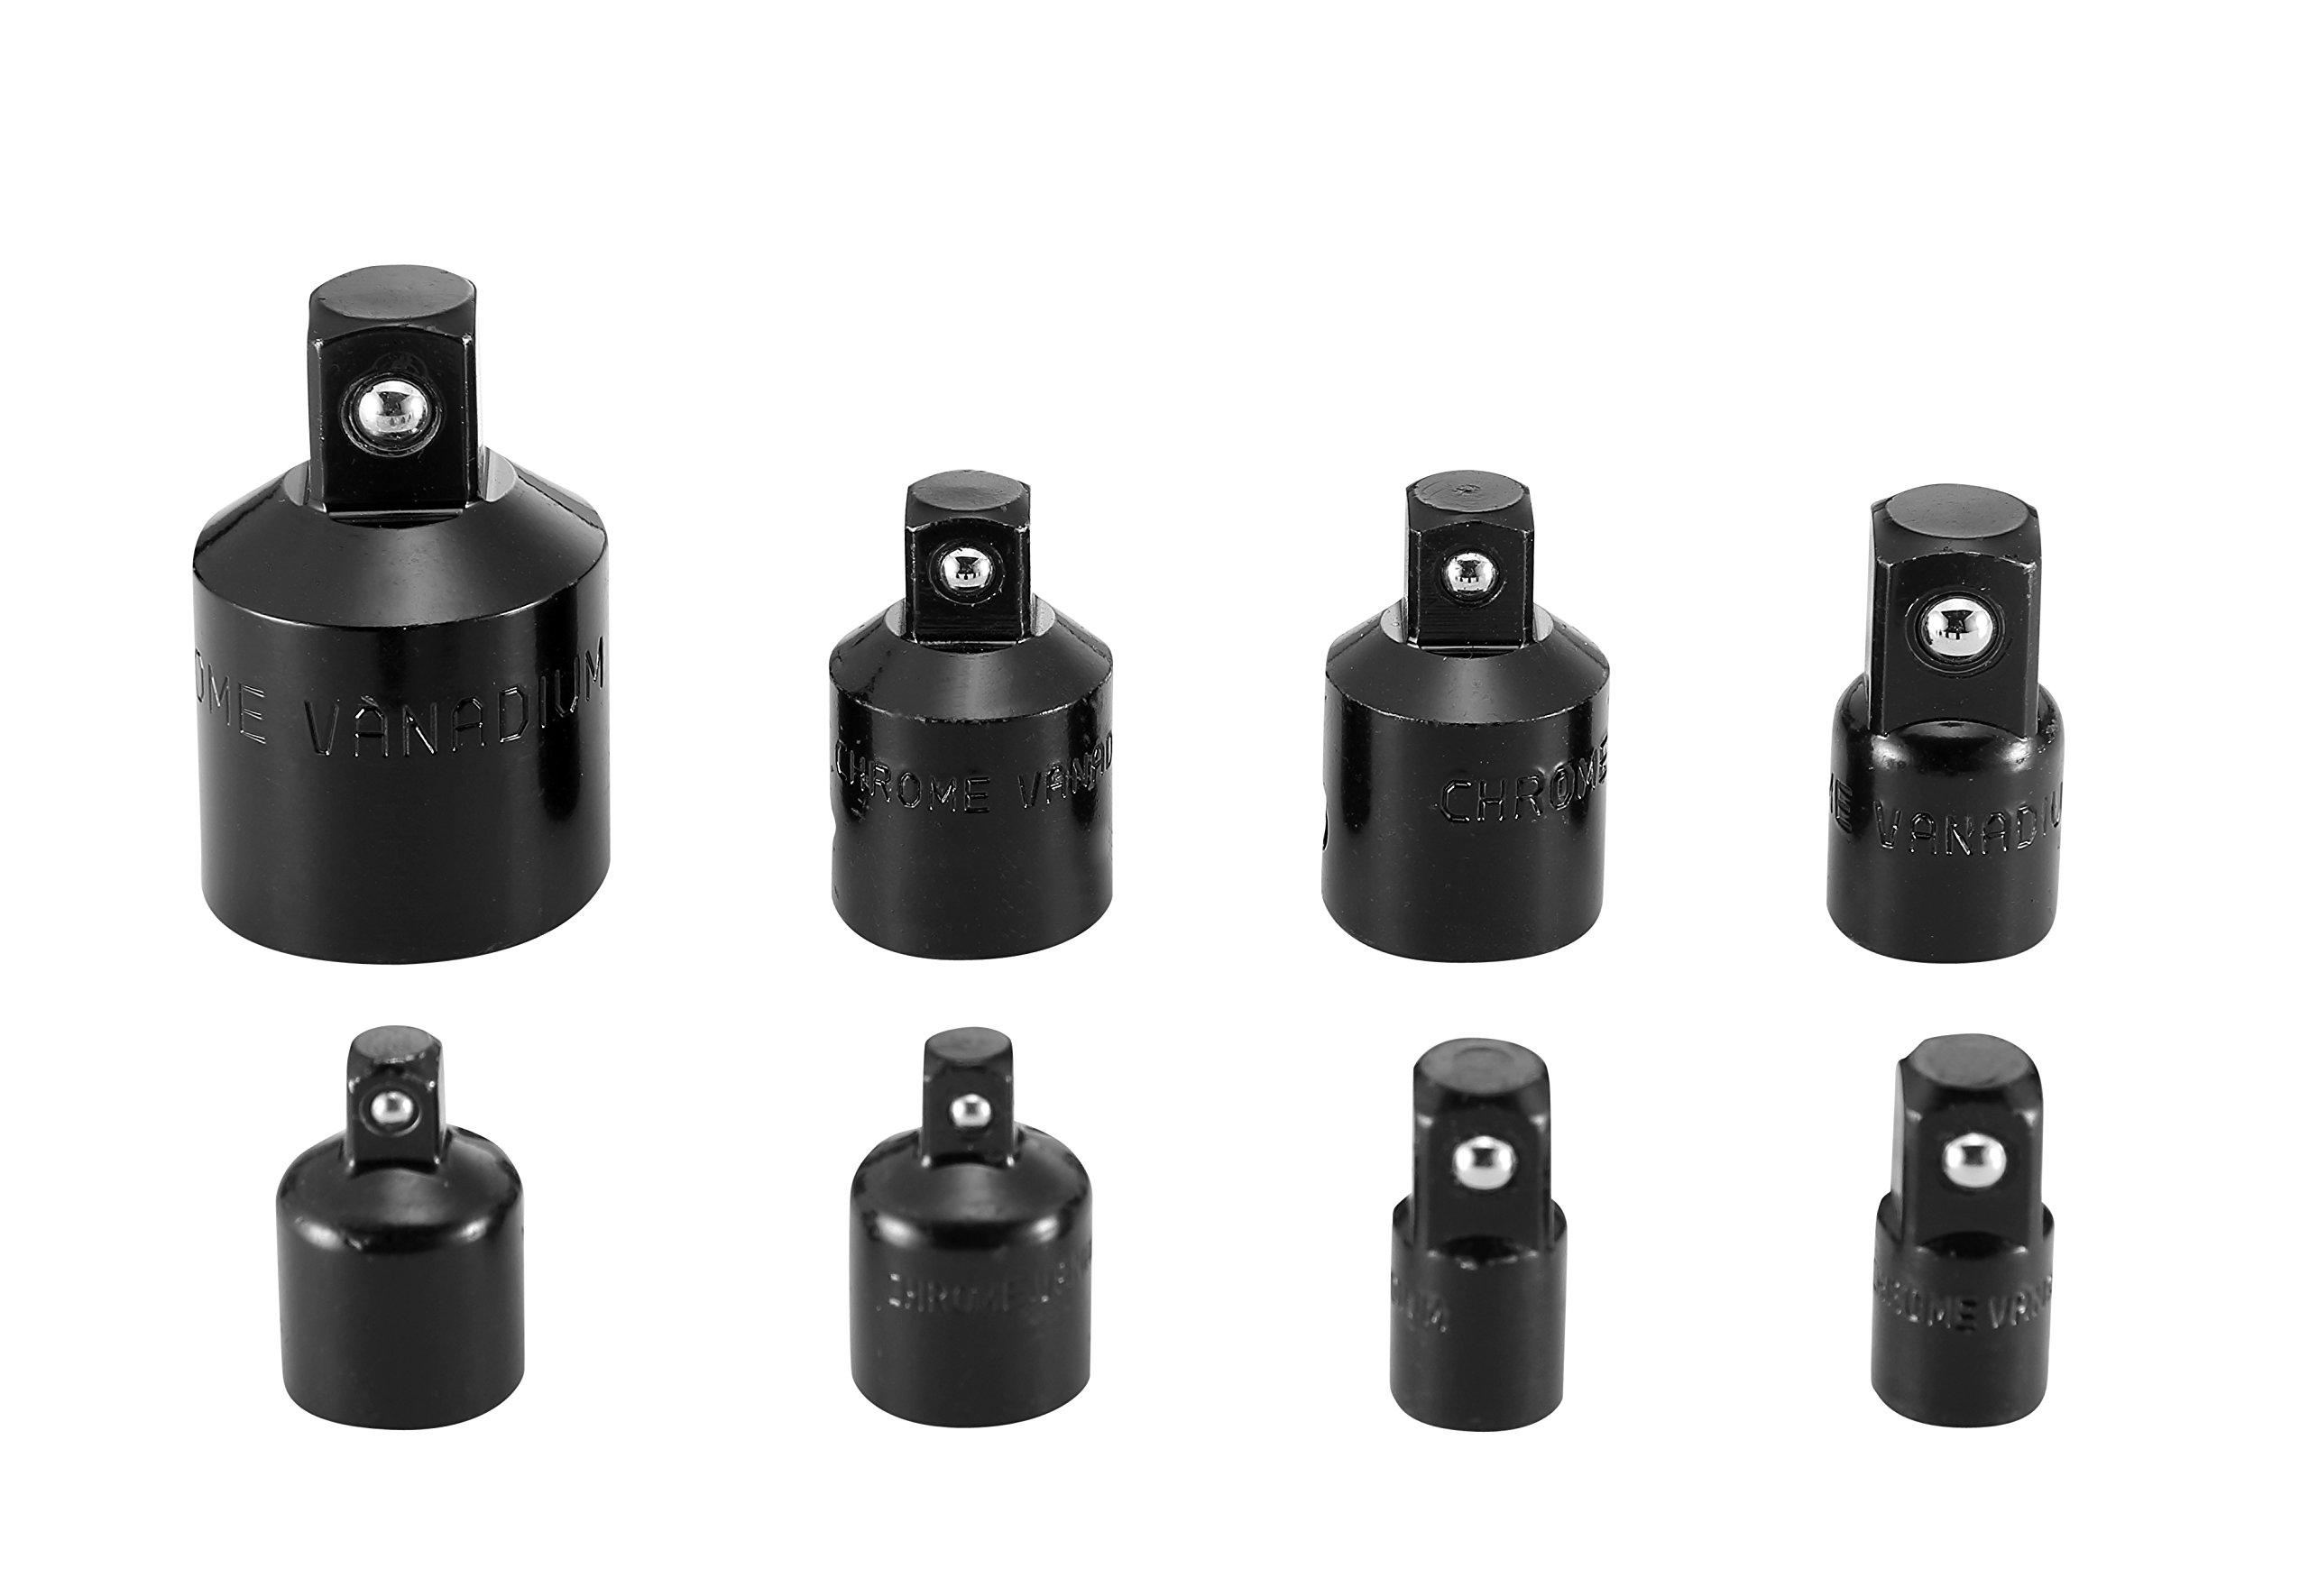 MacWork 8-Piece Impact Socket Adapter Set SAE Chrome Vanadium Steel Black Electro-Coated Surface